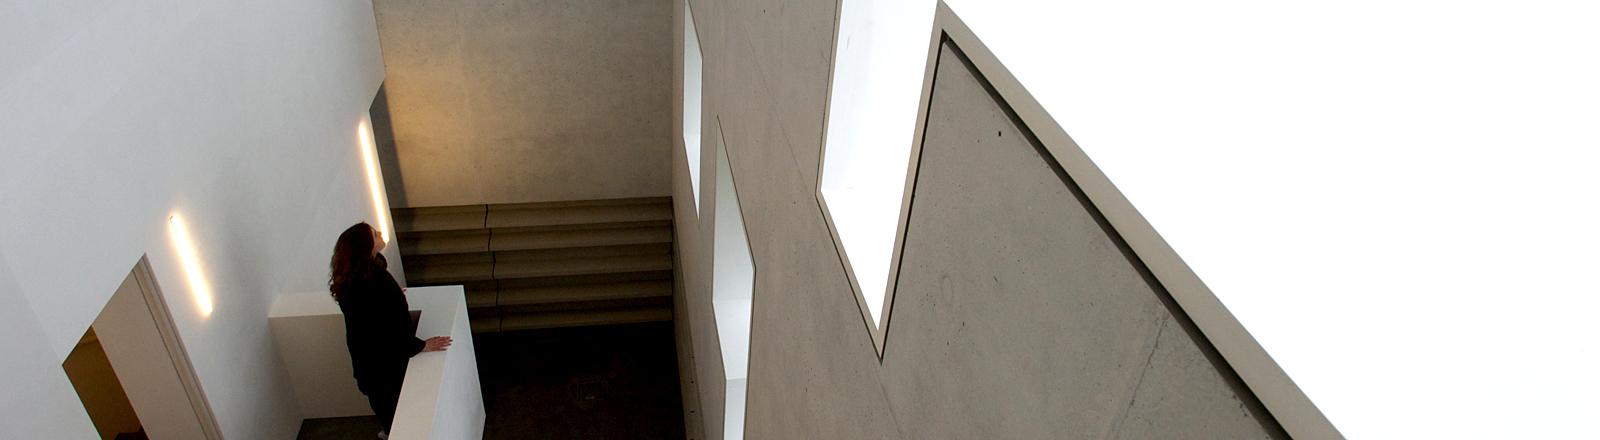 Frau steht in einem modernen Gebäude.